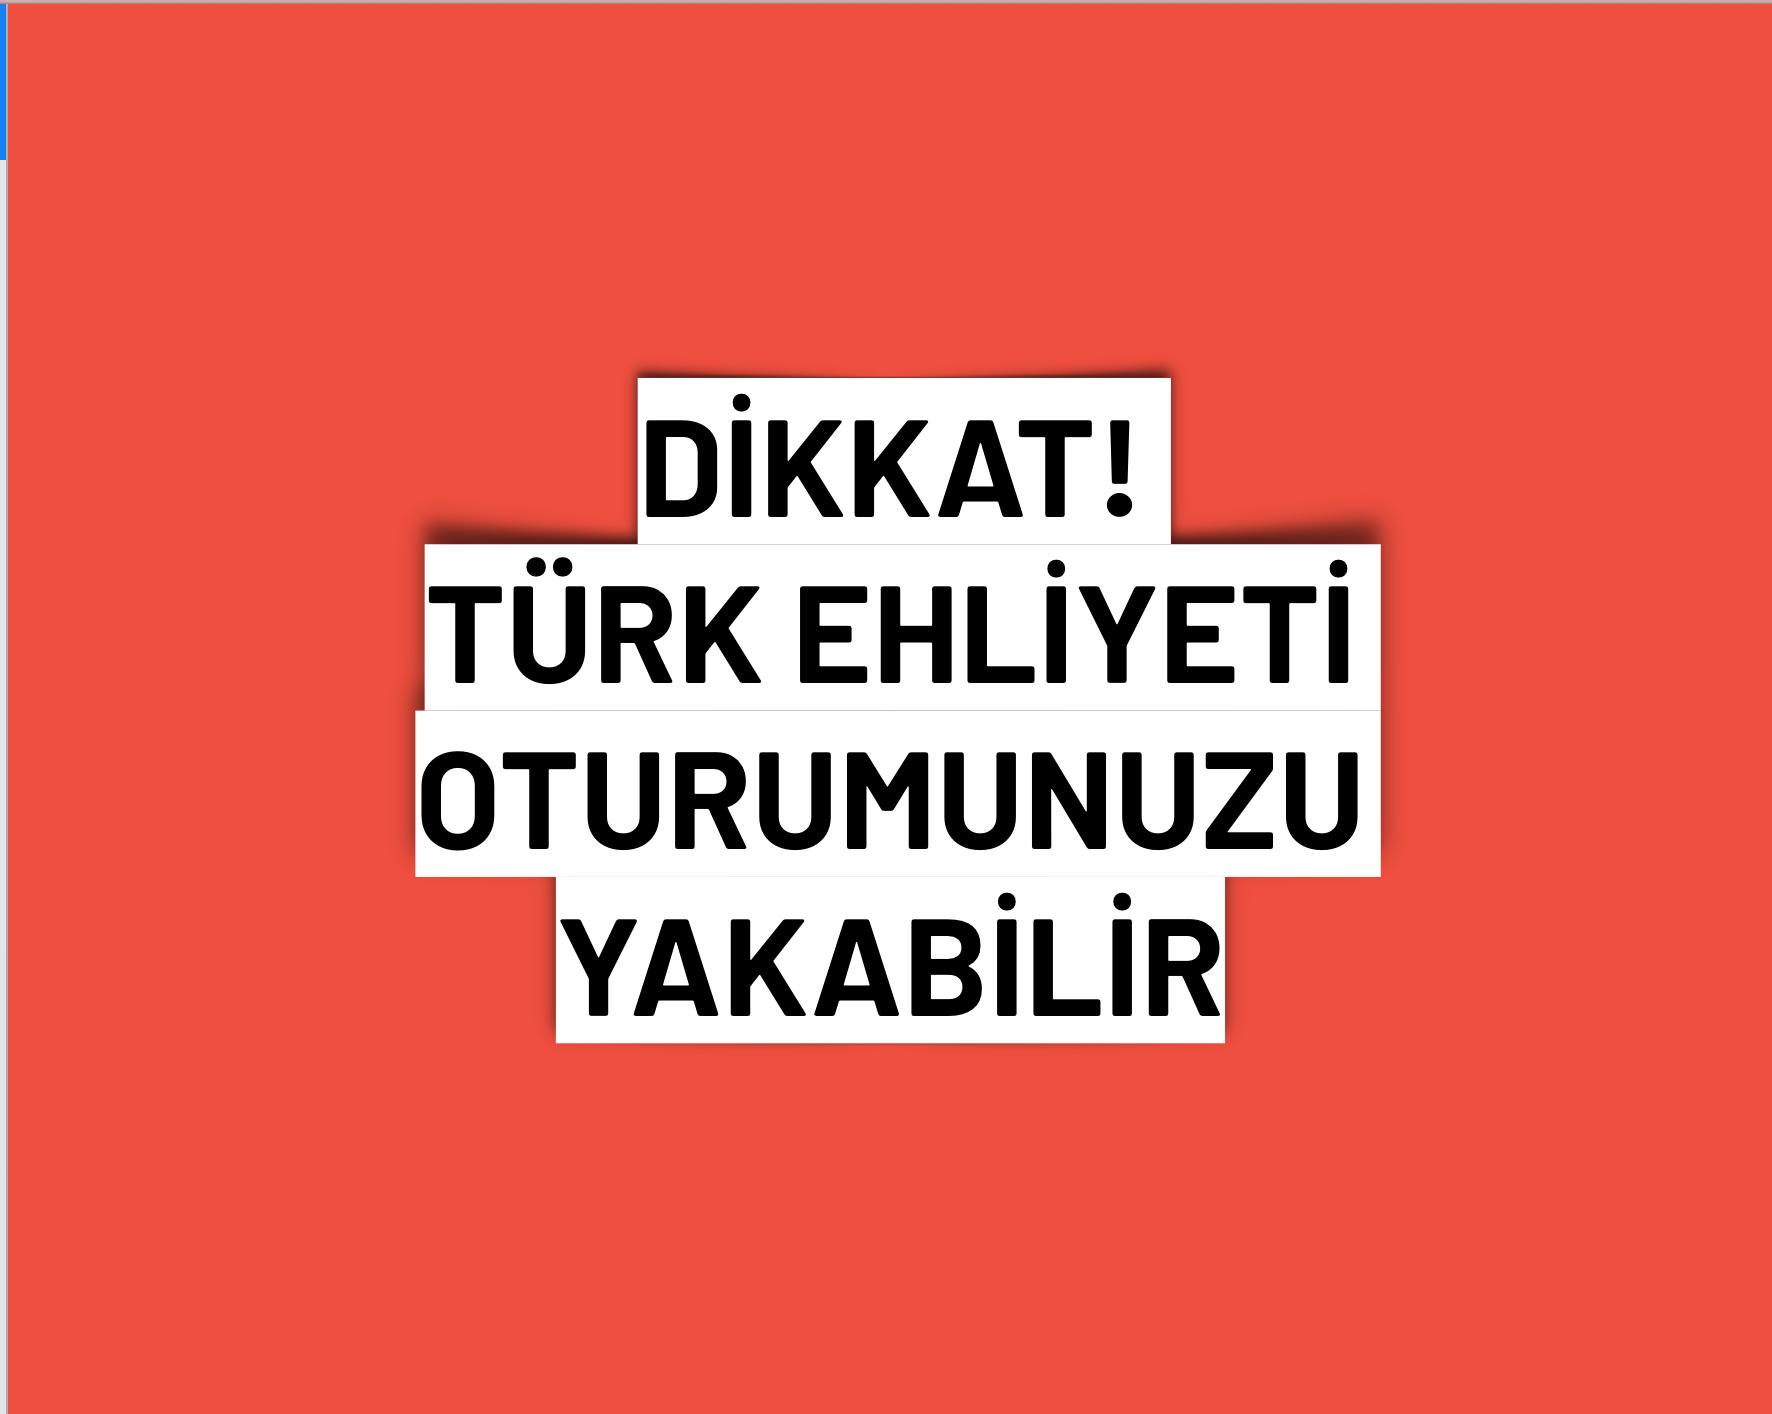 İsveç'te Türk ehliyeti